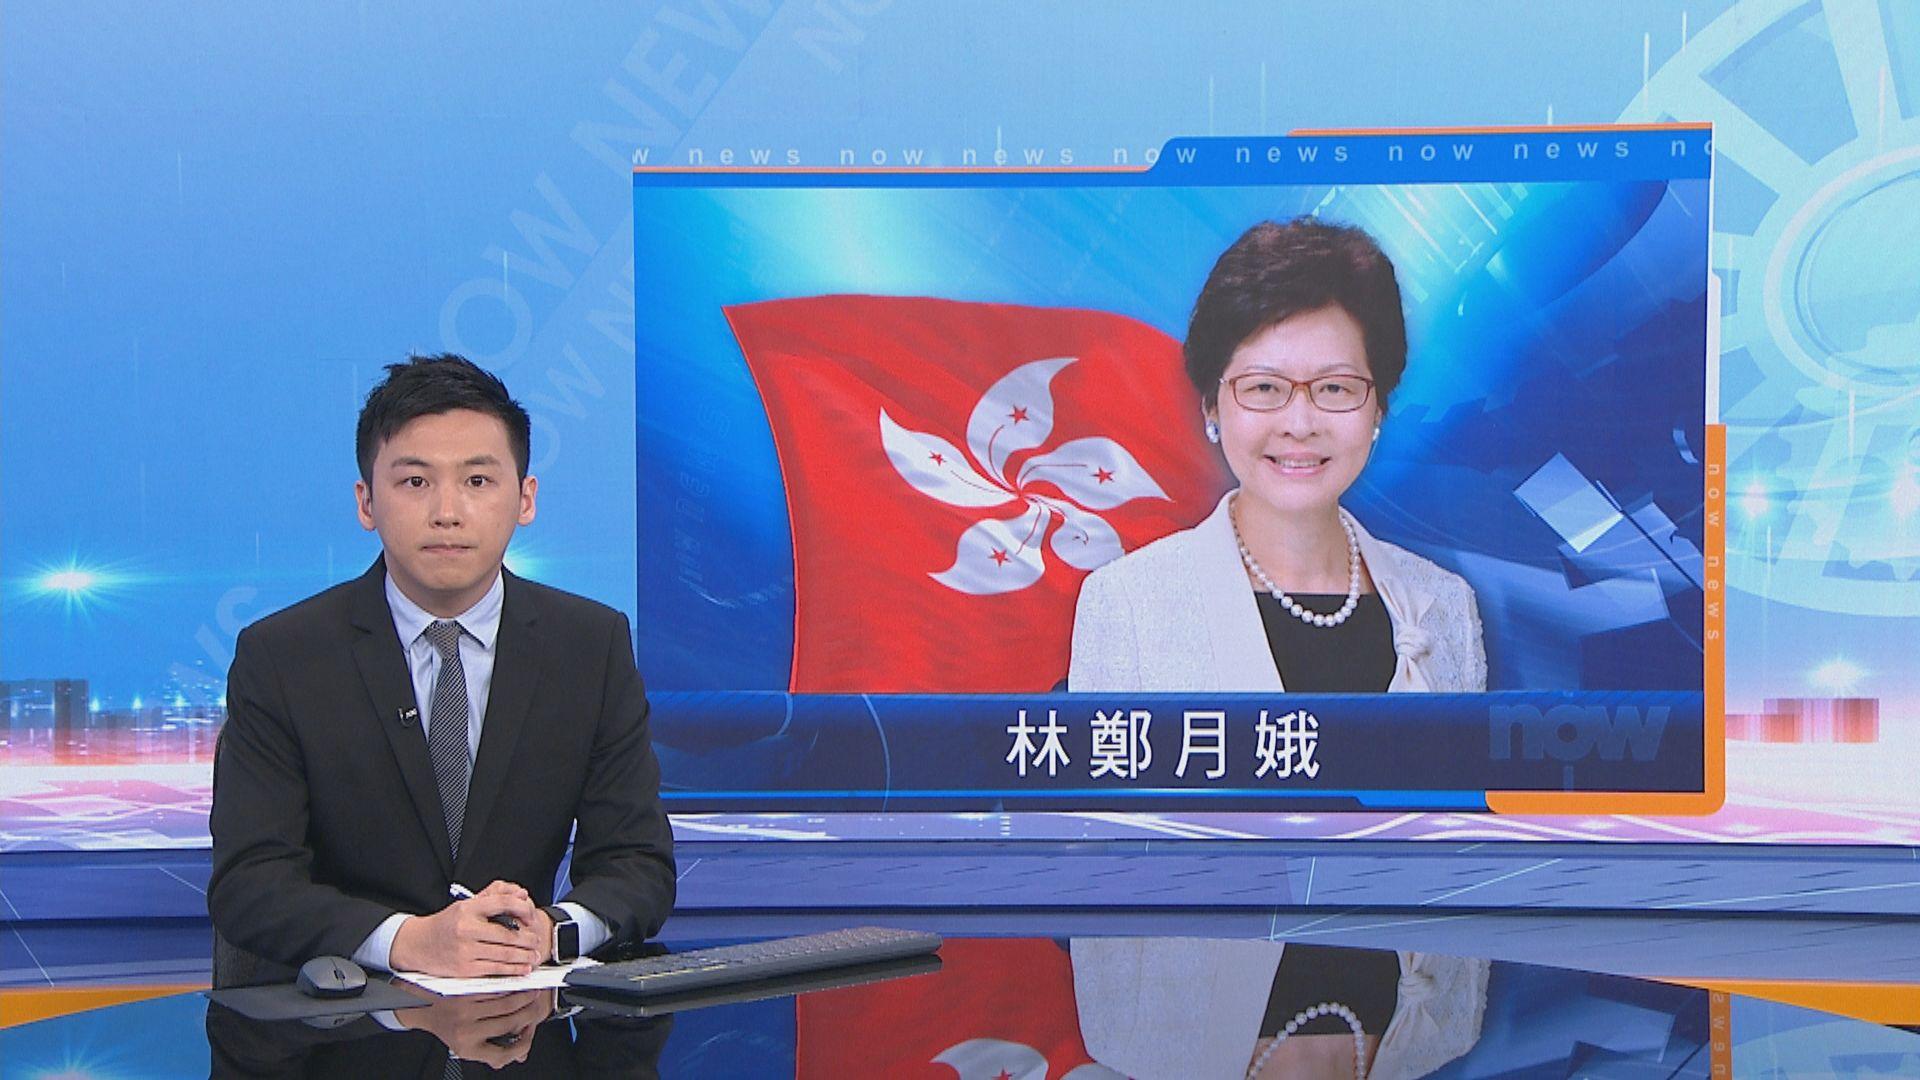 林鄭:星期四屆滿的社交距離措施將會維持一段時間